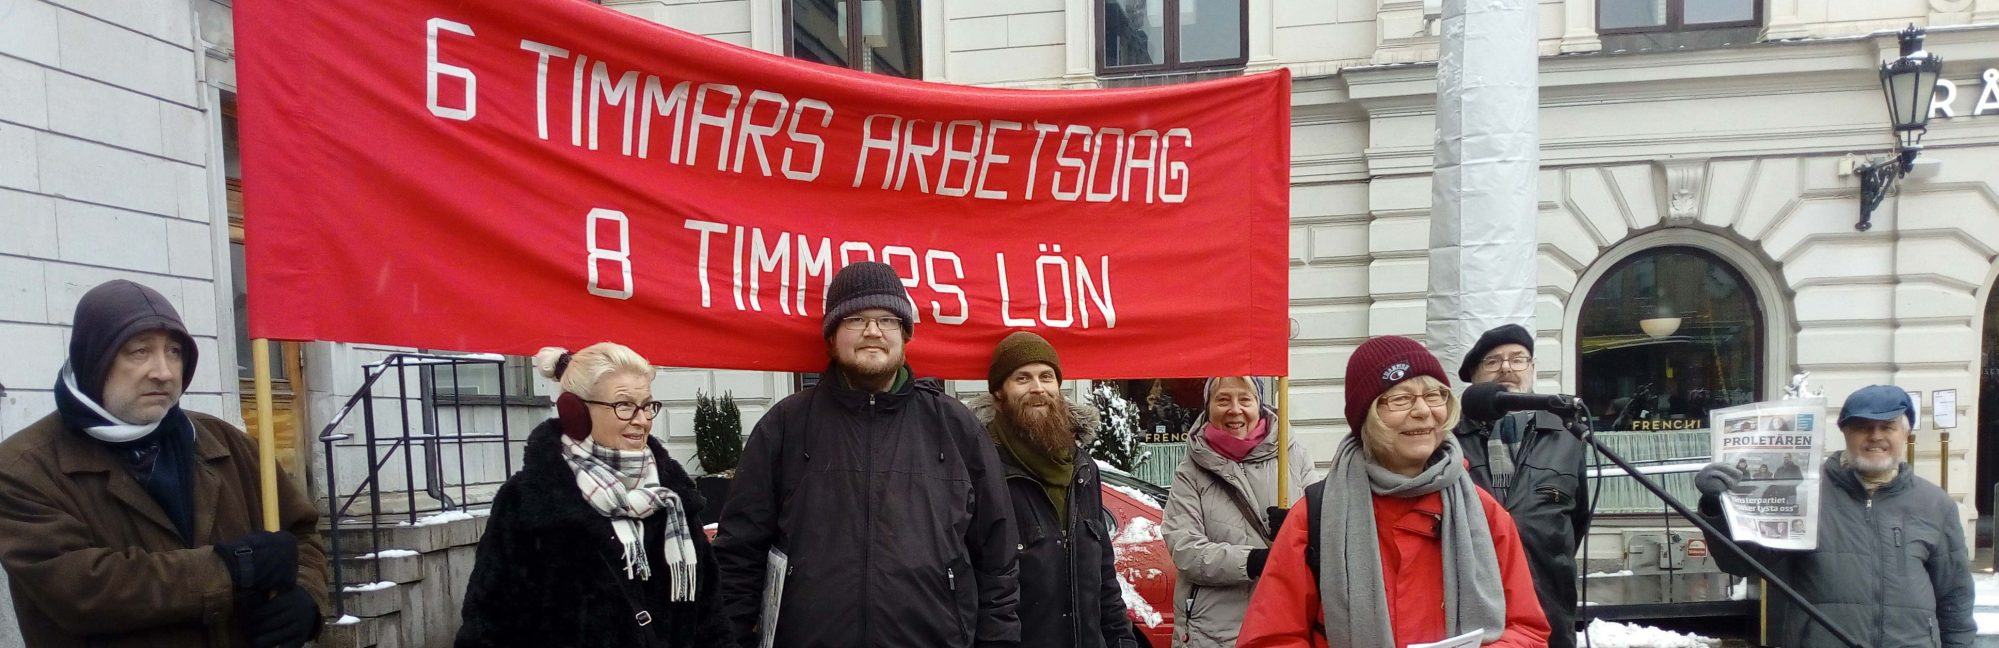 Kommunistiska Partiet Uppsala